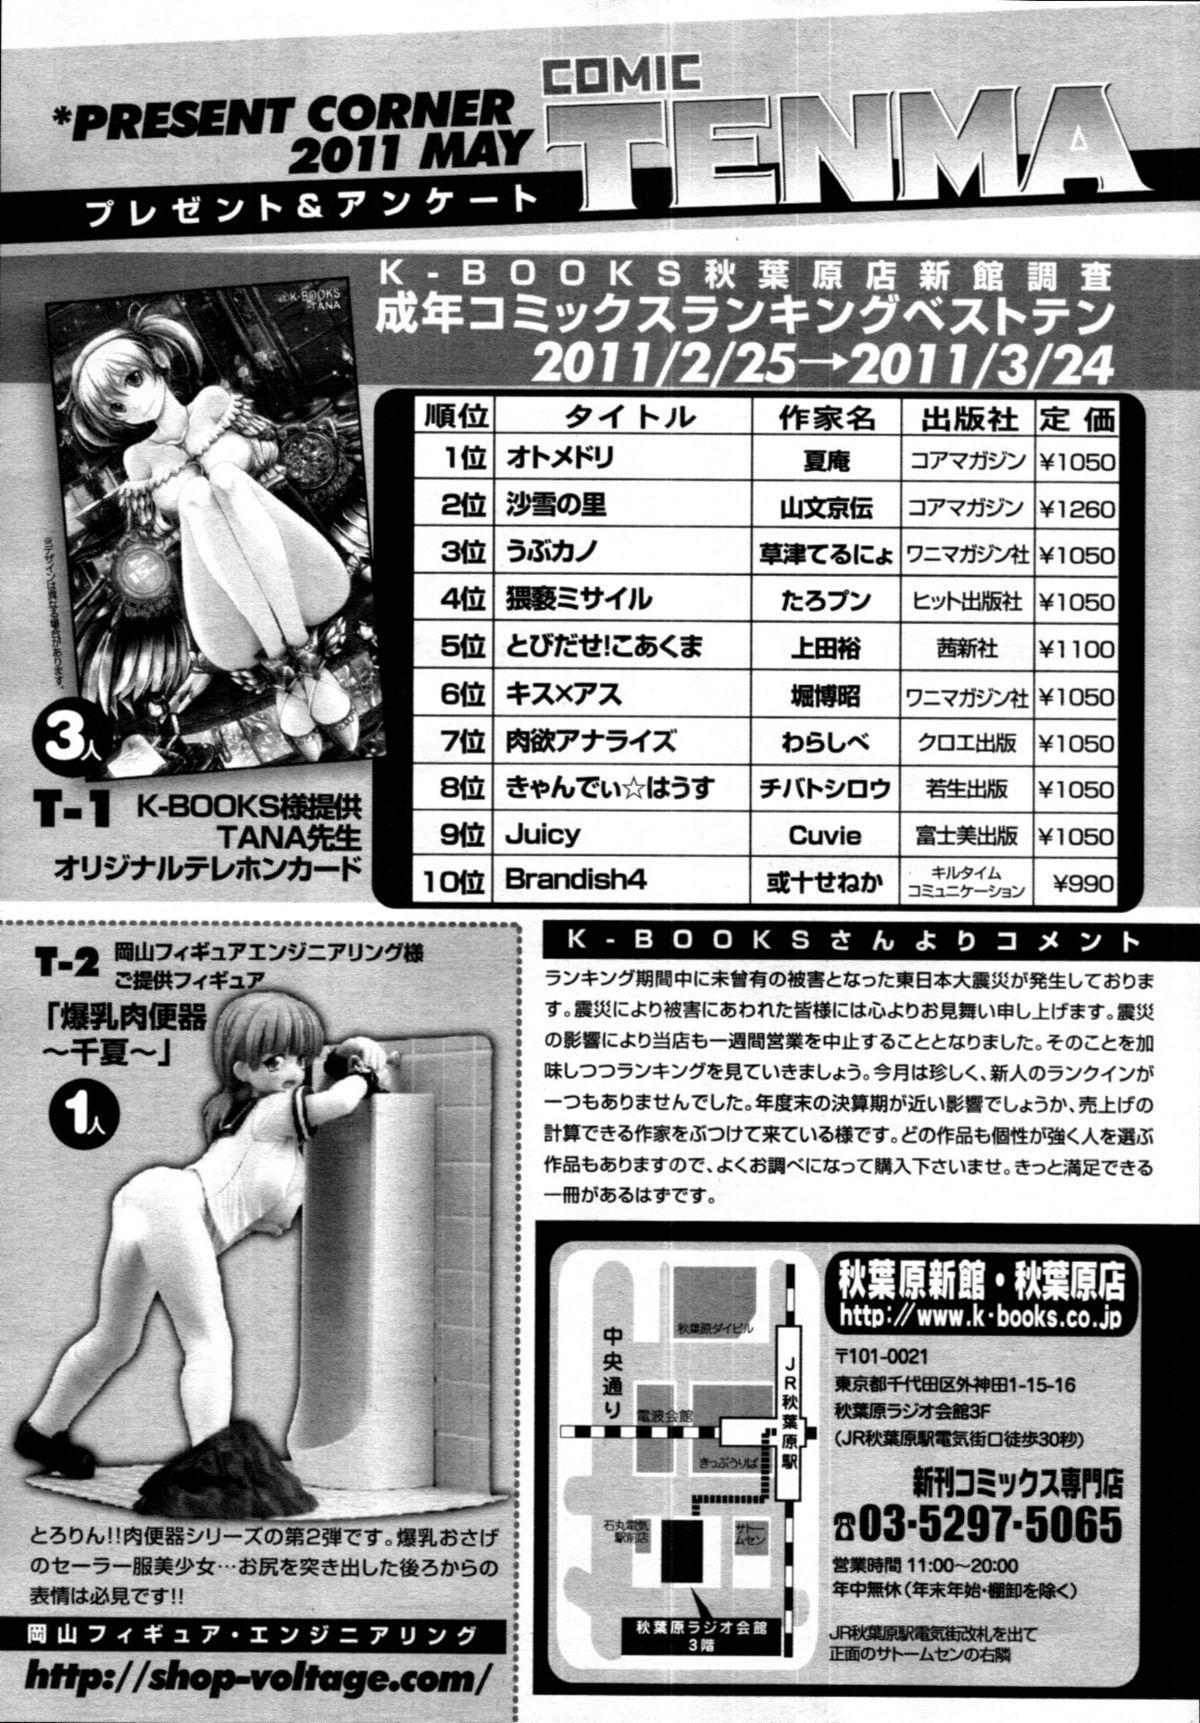 COMIC Tenma 2011-05 393